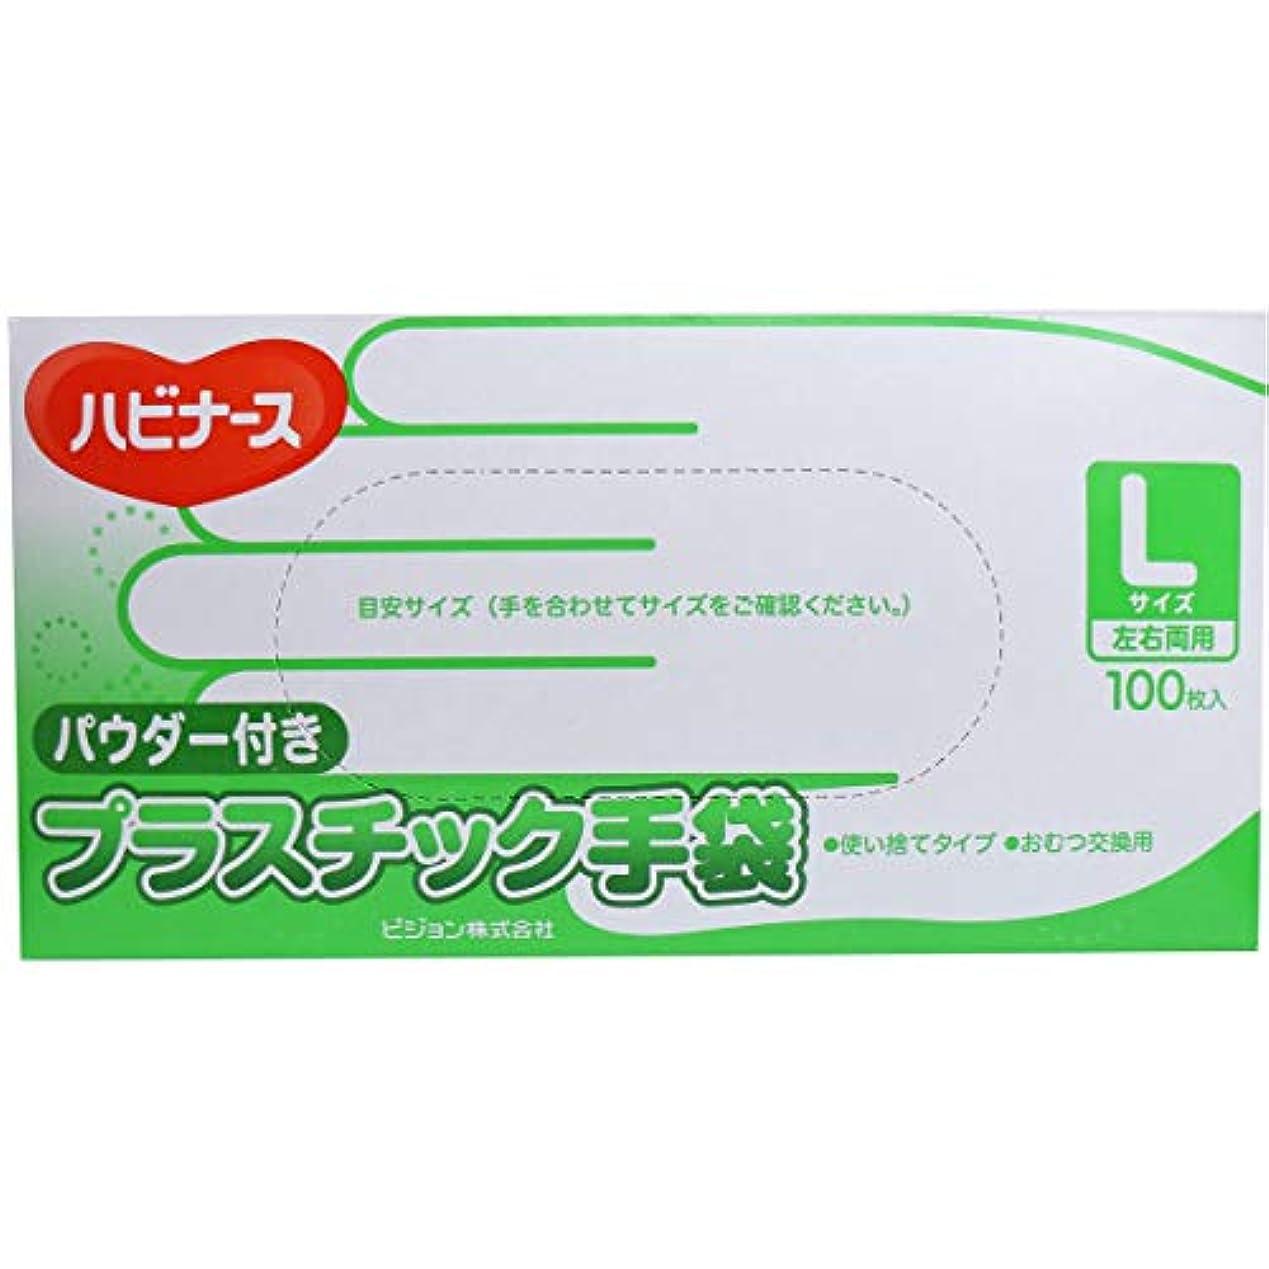 リアル溶融復活するハビナース プラスチック手袋 パウダー付き Lサイズ 100枚入(単品)